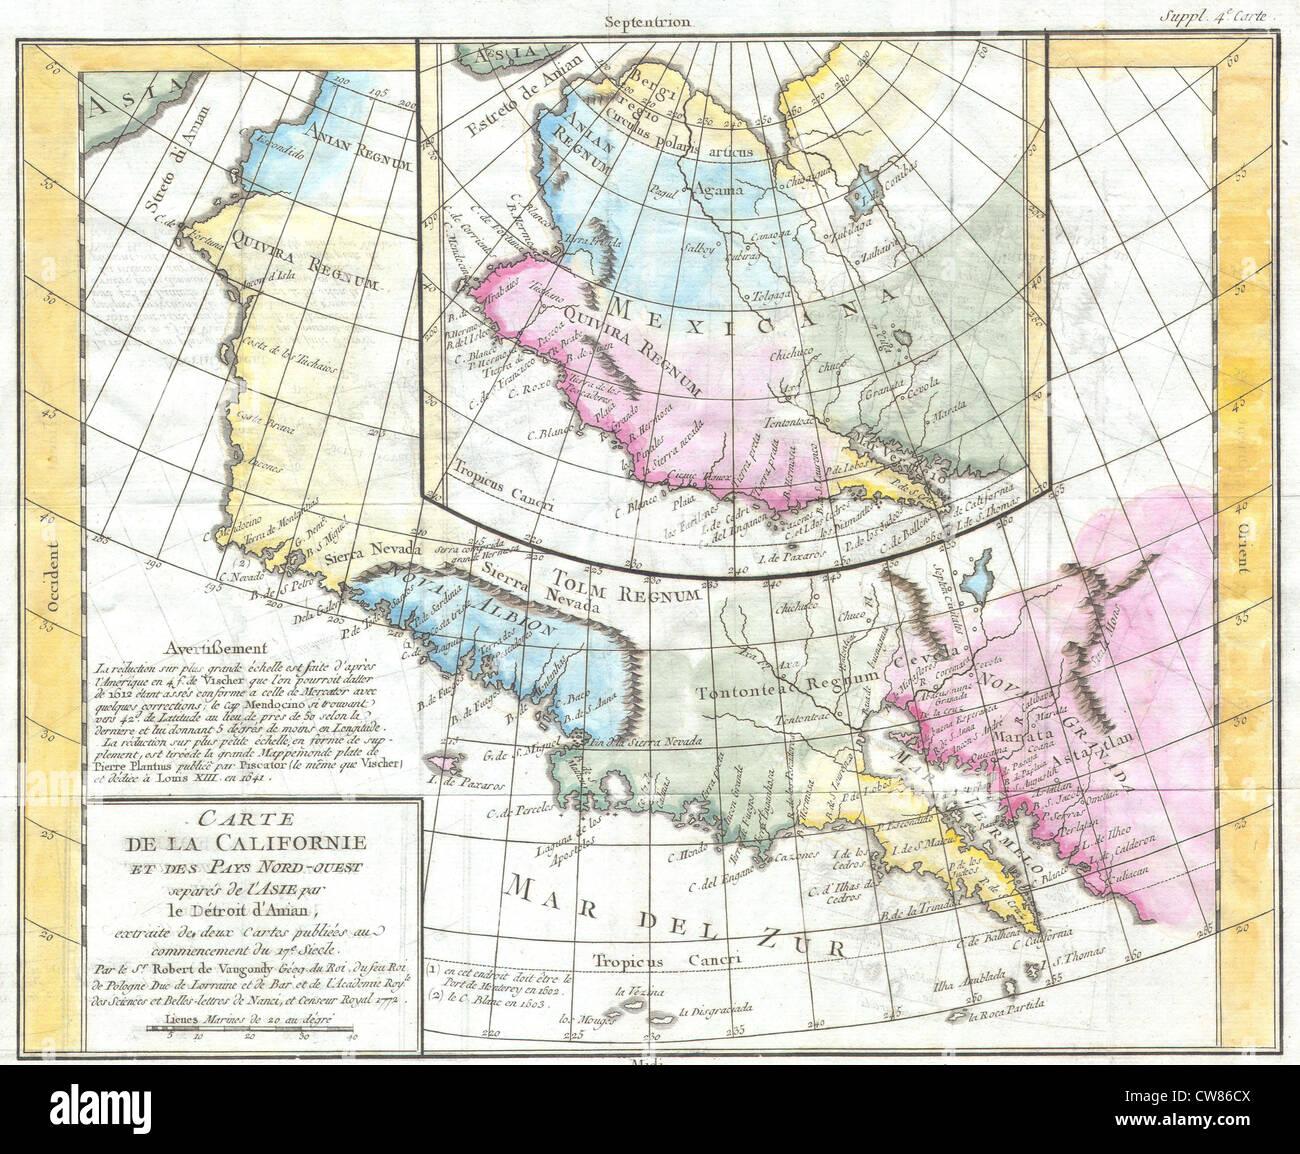 1768 Vaugondy Map of California and Alaska - Stock Image